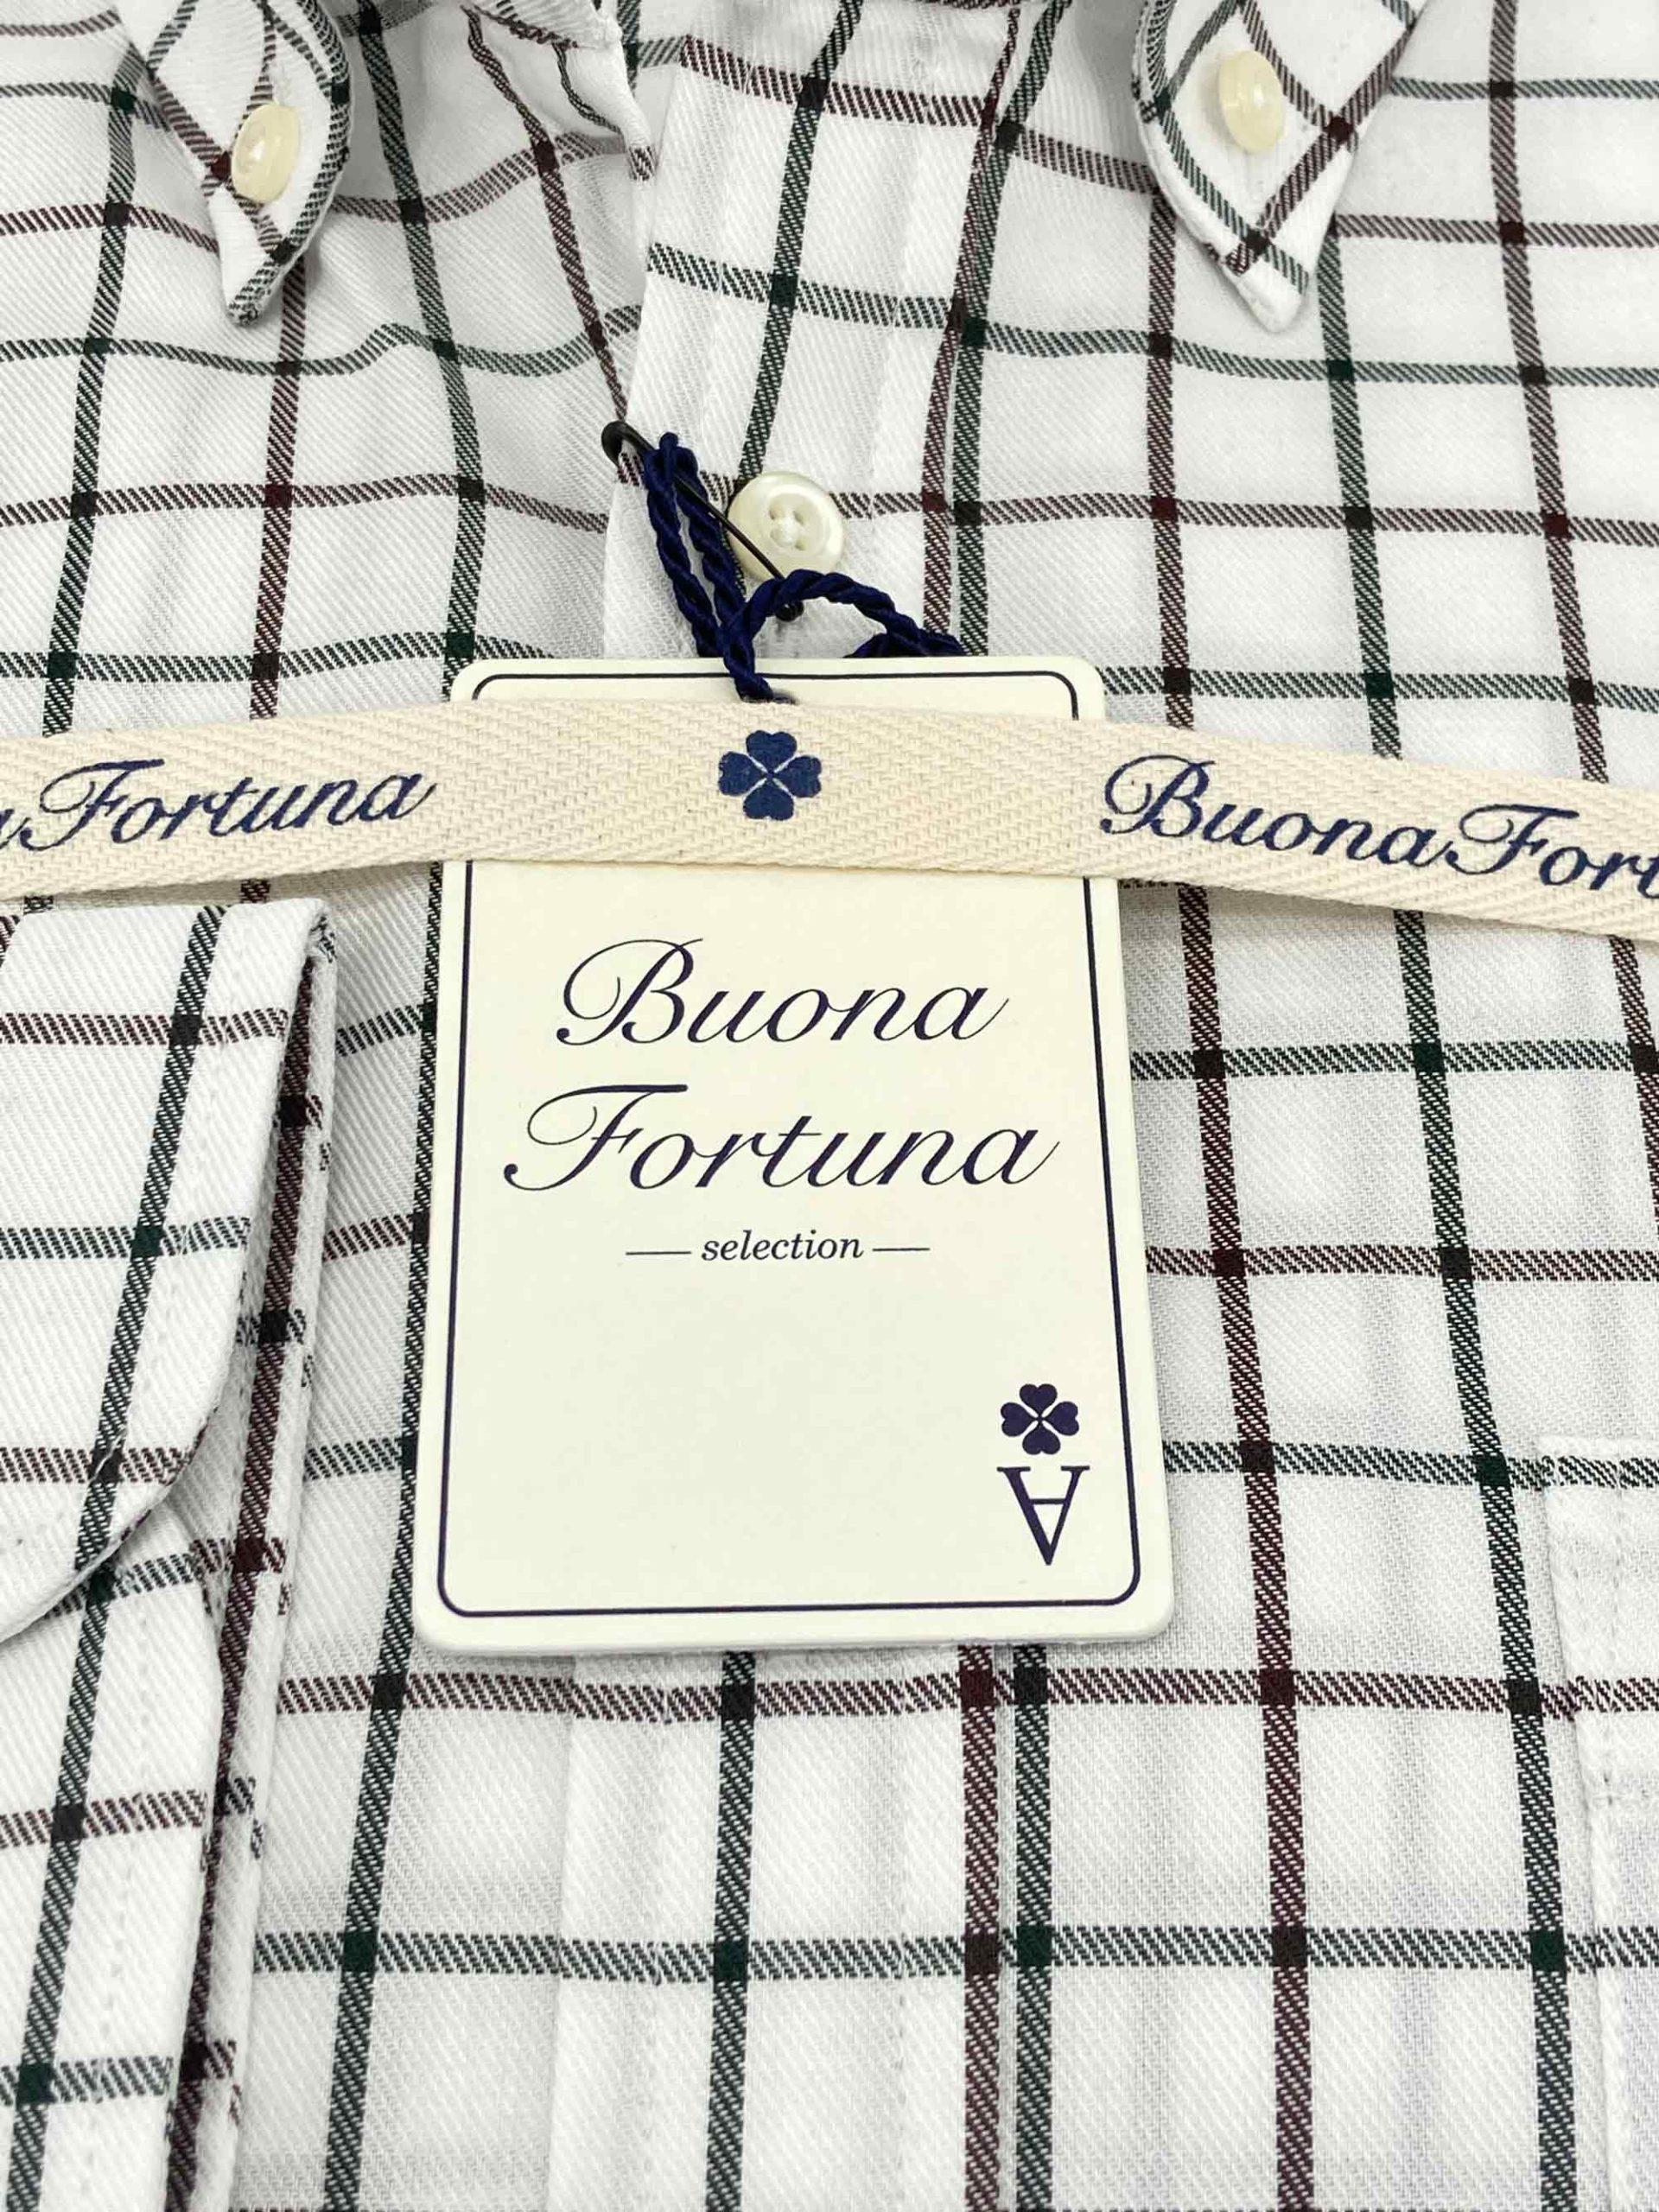 camisas buona fortuna comprar online camisas italianas exlusivas cuadros marrones verdes fondo beige